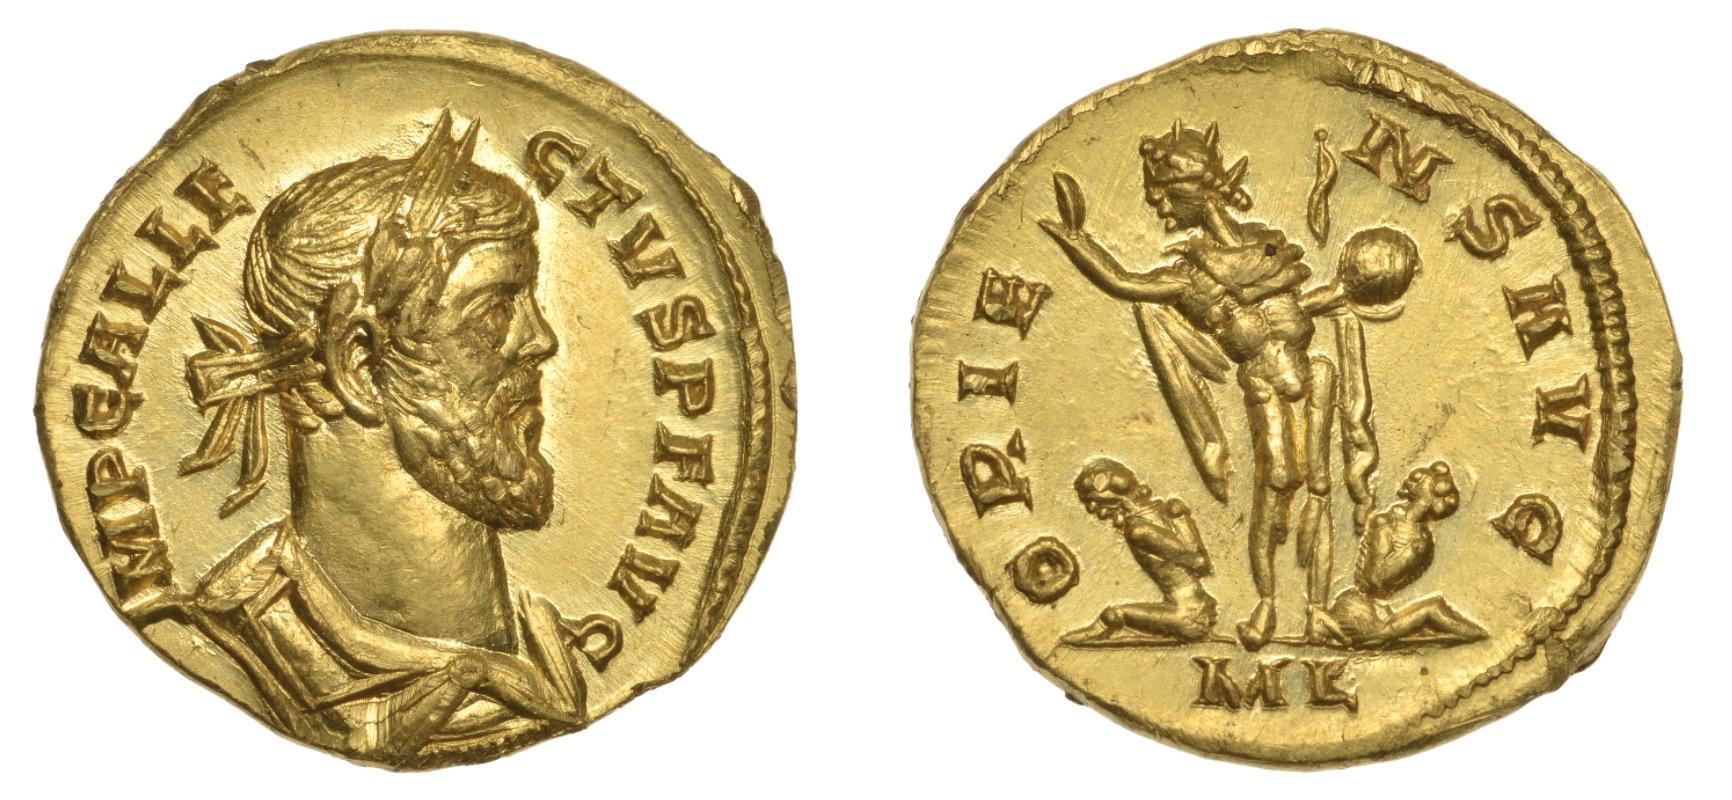 an aureus - a gold coin of ancient Rome